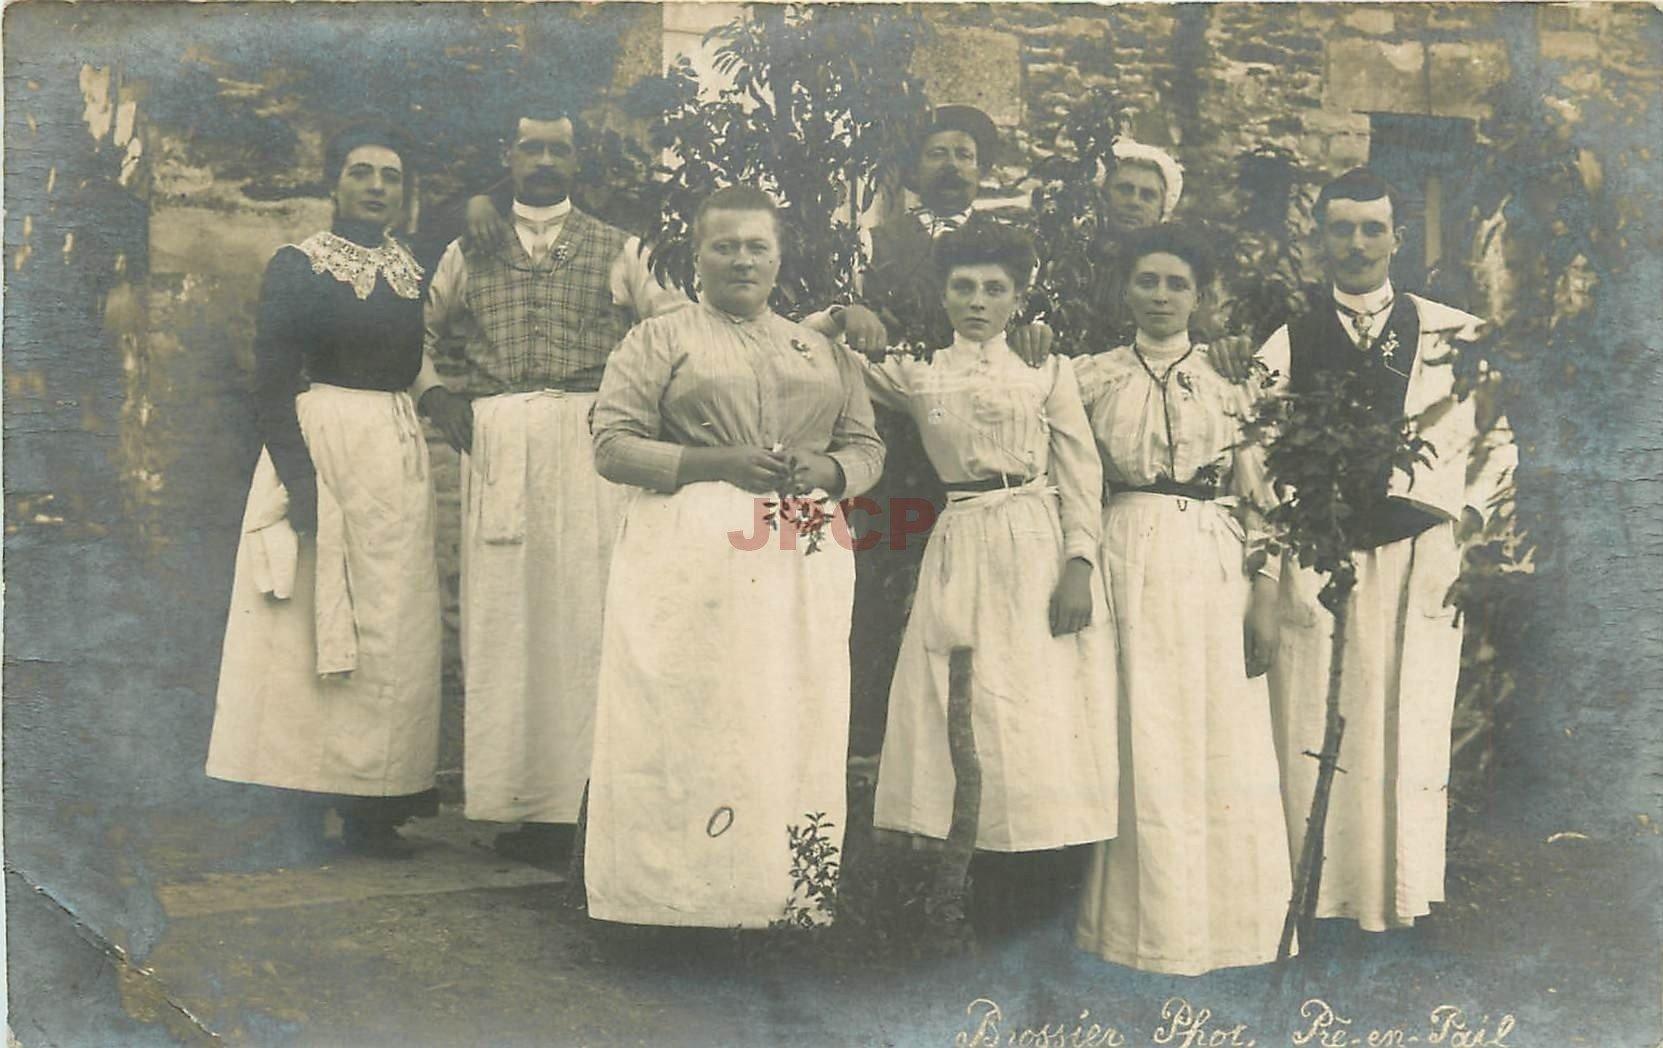 53 PRE-EN-PAIL. Les Employés d'un Hôtel Restaurant. Photo carte postale de Brossier